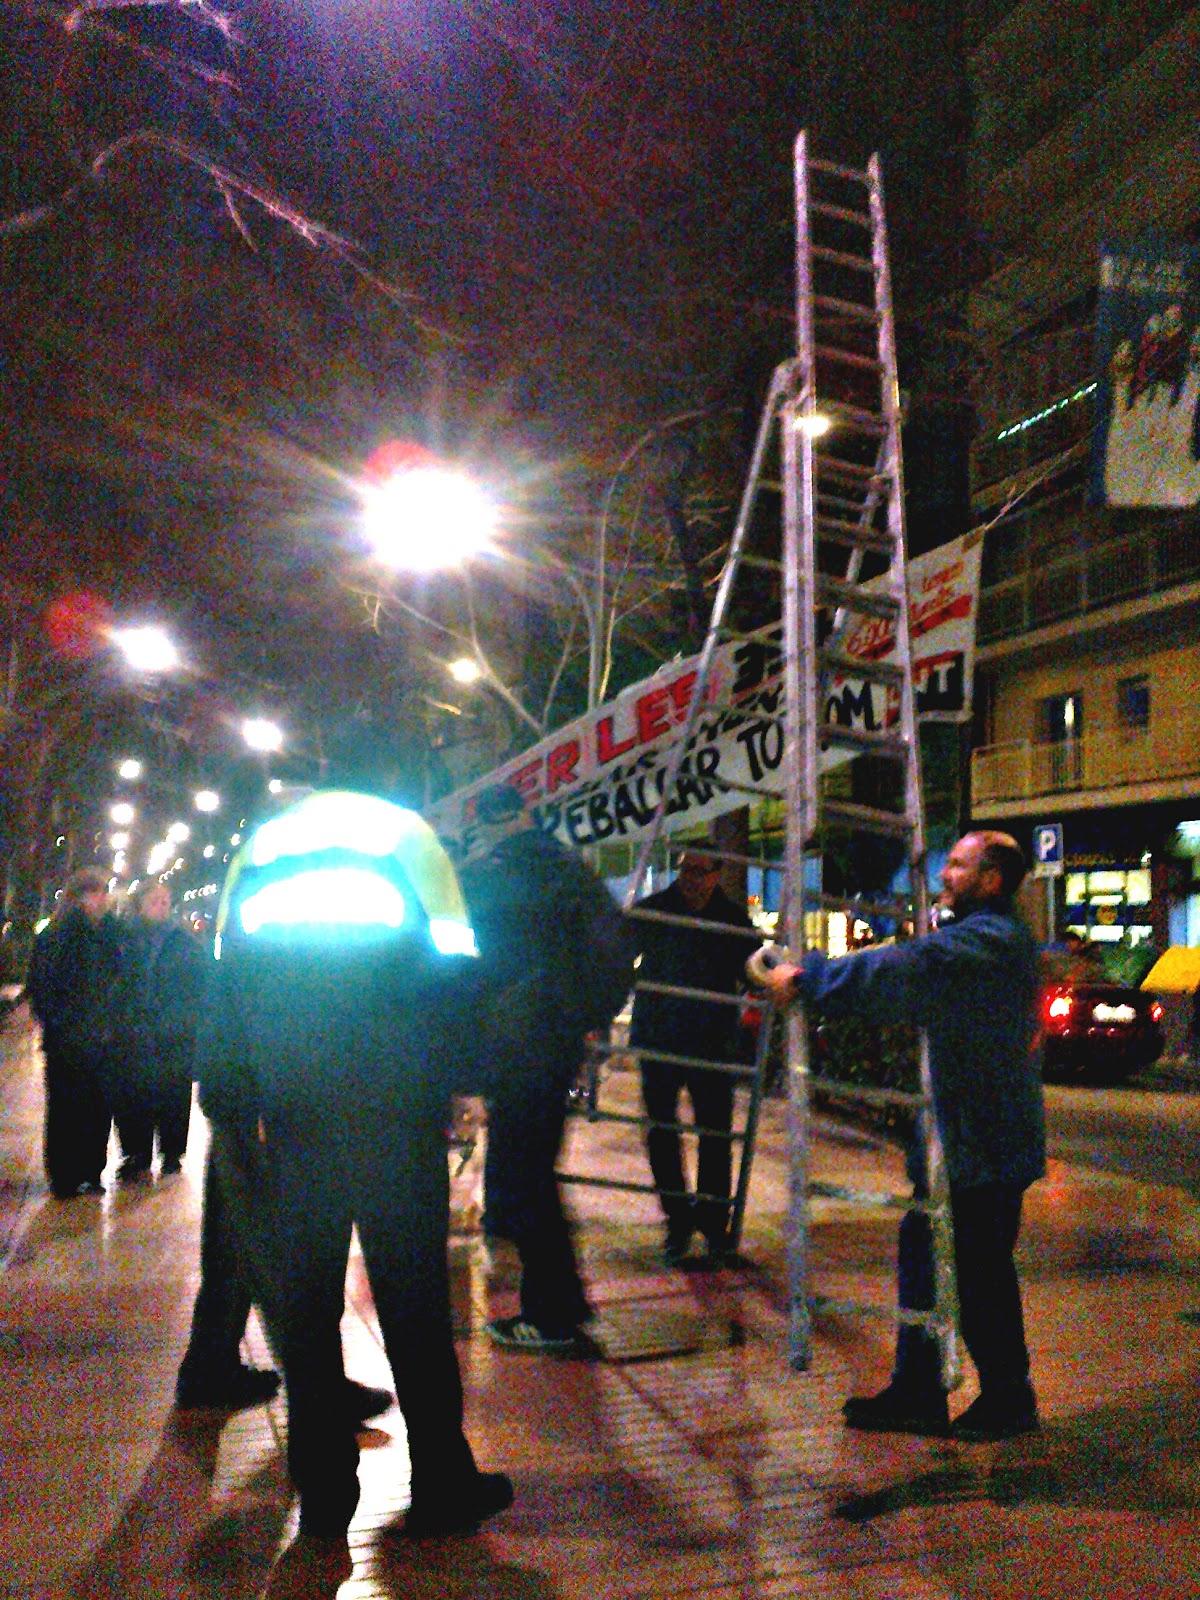 L'ajuntament del Prat (ICV) decideix restringir a la CNT el dret a penjar pancartes